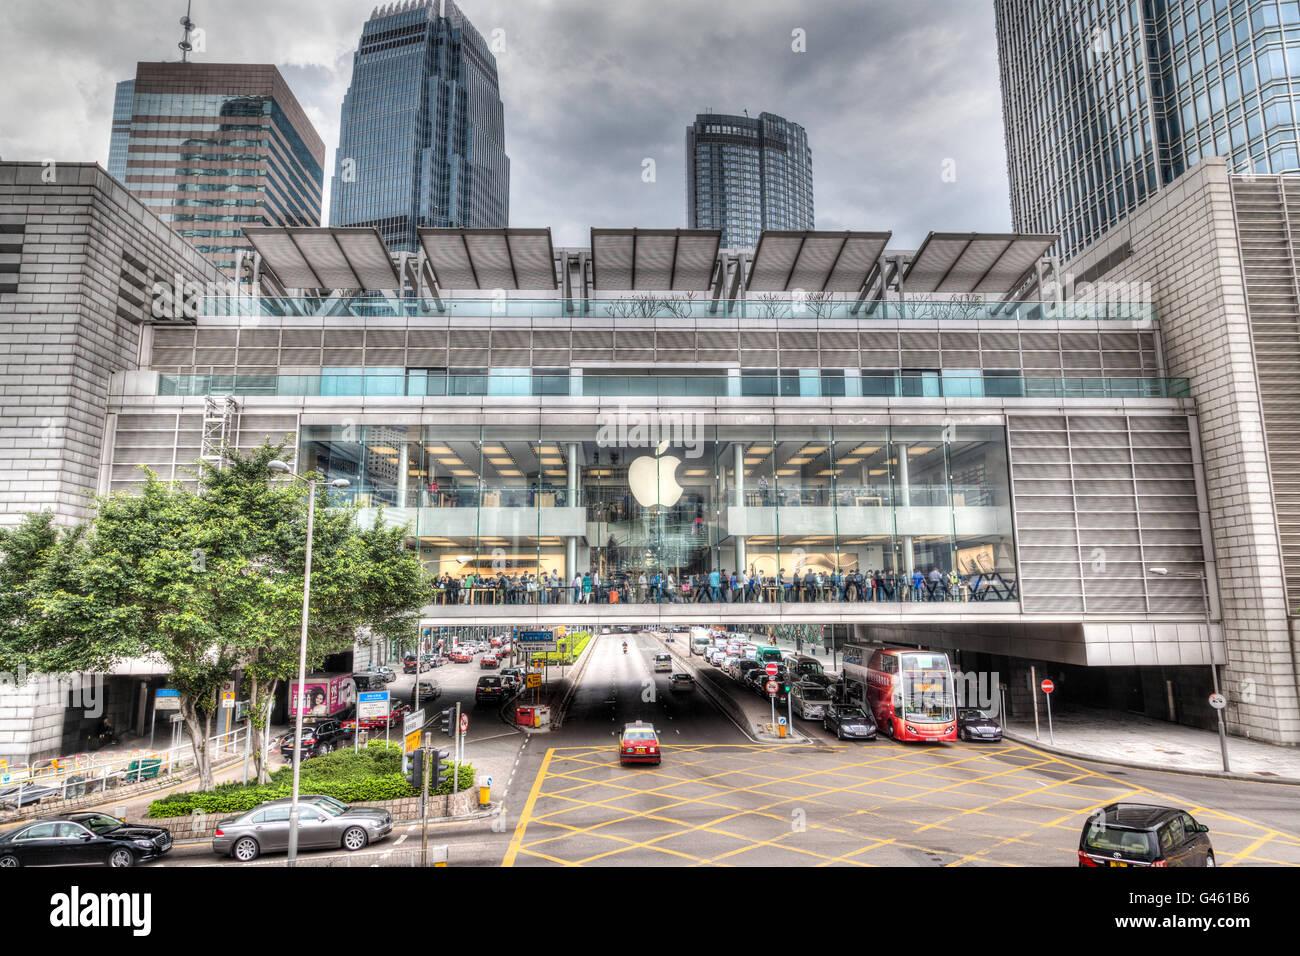 Hong Kong SAR, China - March 31, 2015: Crowd inside the Apple Store at International Finance Center, Hong Kong. - Stock Image